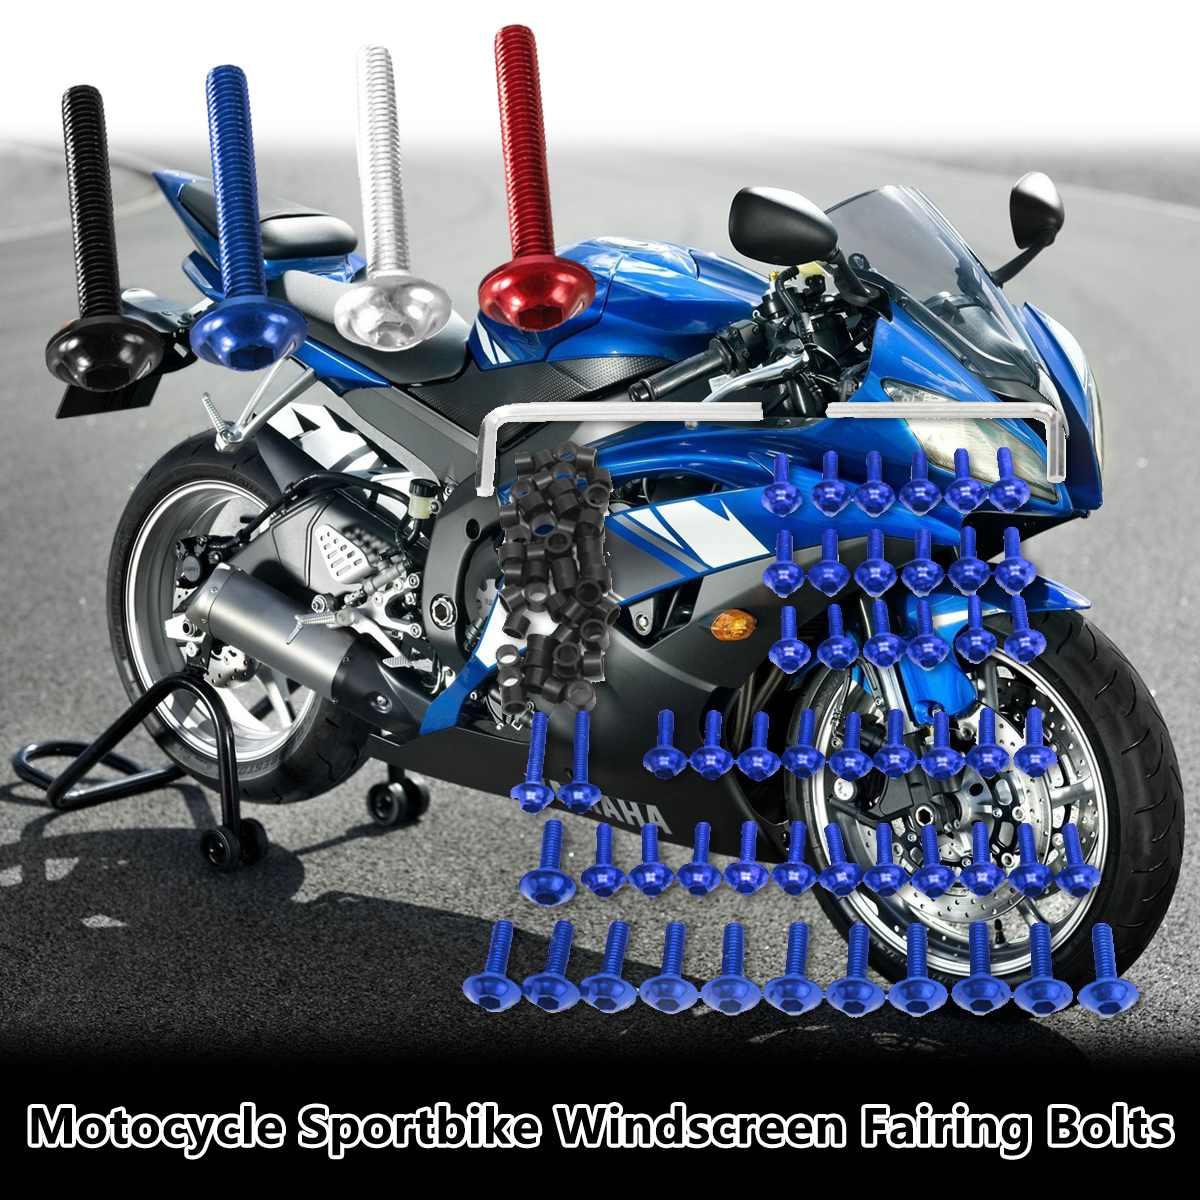 Fairing Bolt Kit body screws Clips For Yamaha YZF-600 R6 2003-2004